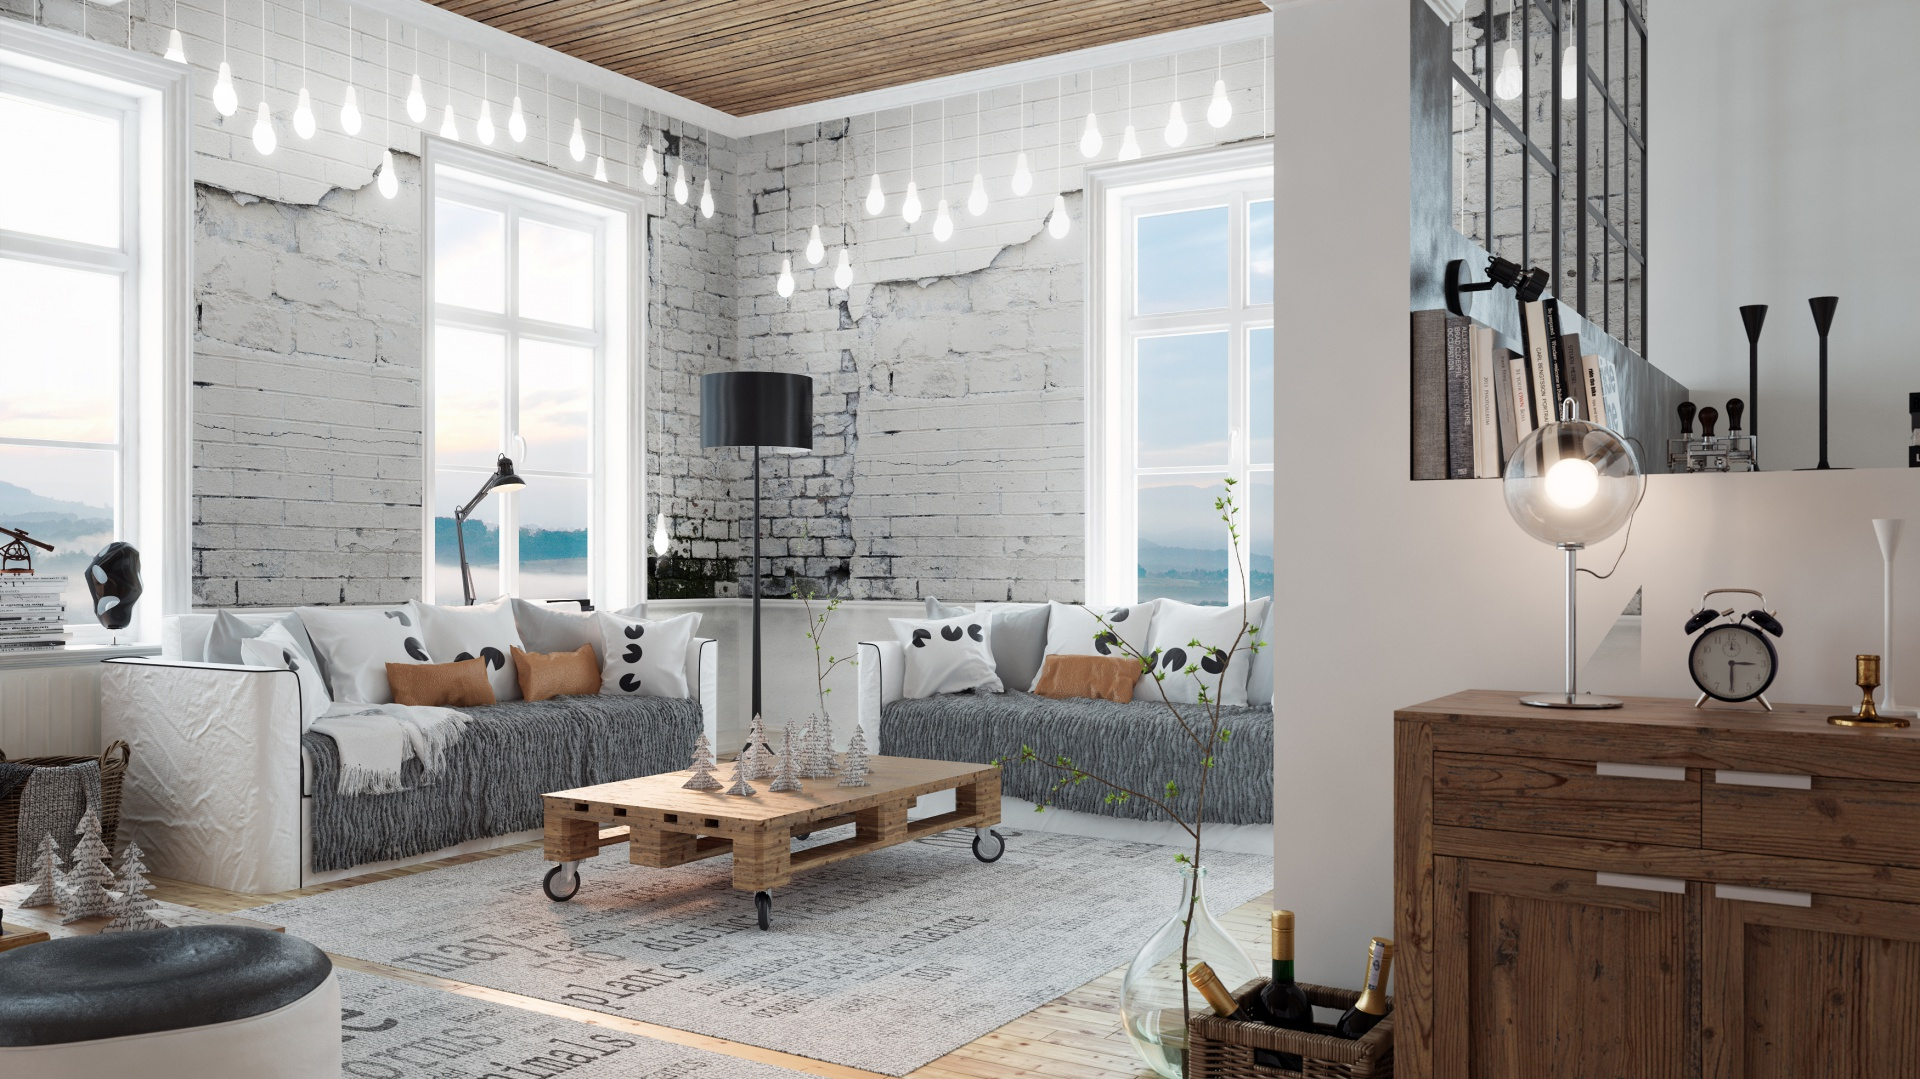 Fototapeta imitująca cegłę z oferty marki Livingstyle. Fot. Livingstyle.pl.